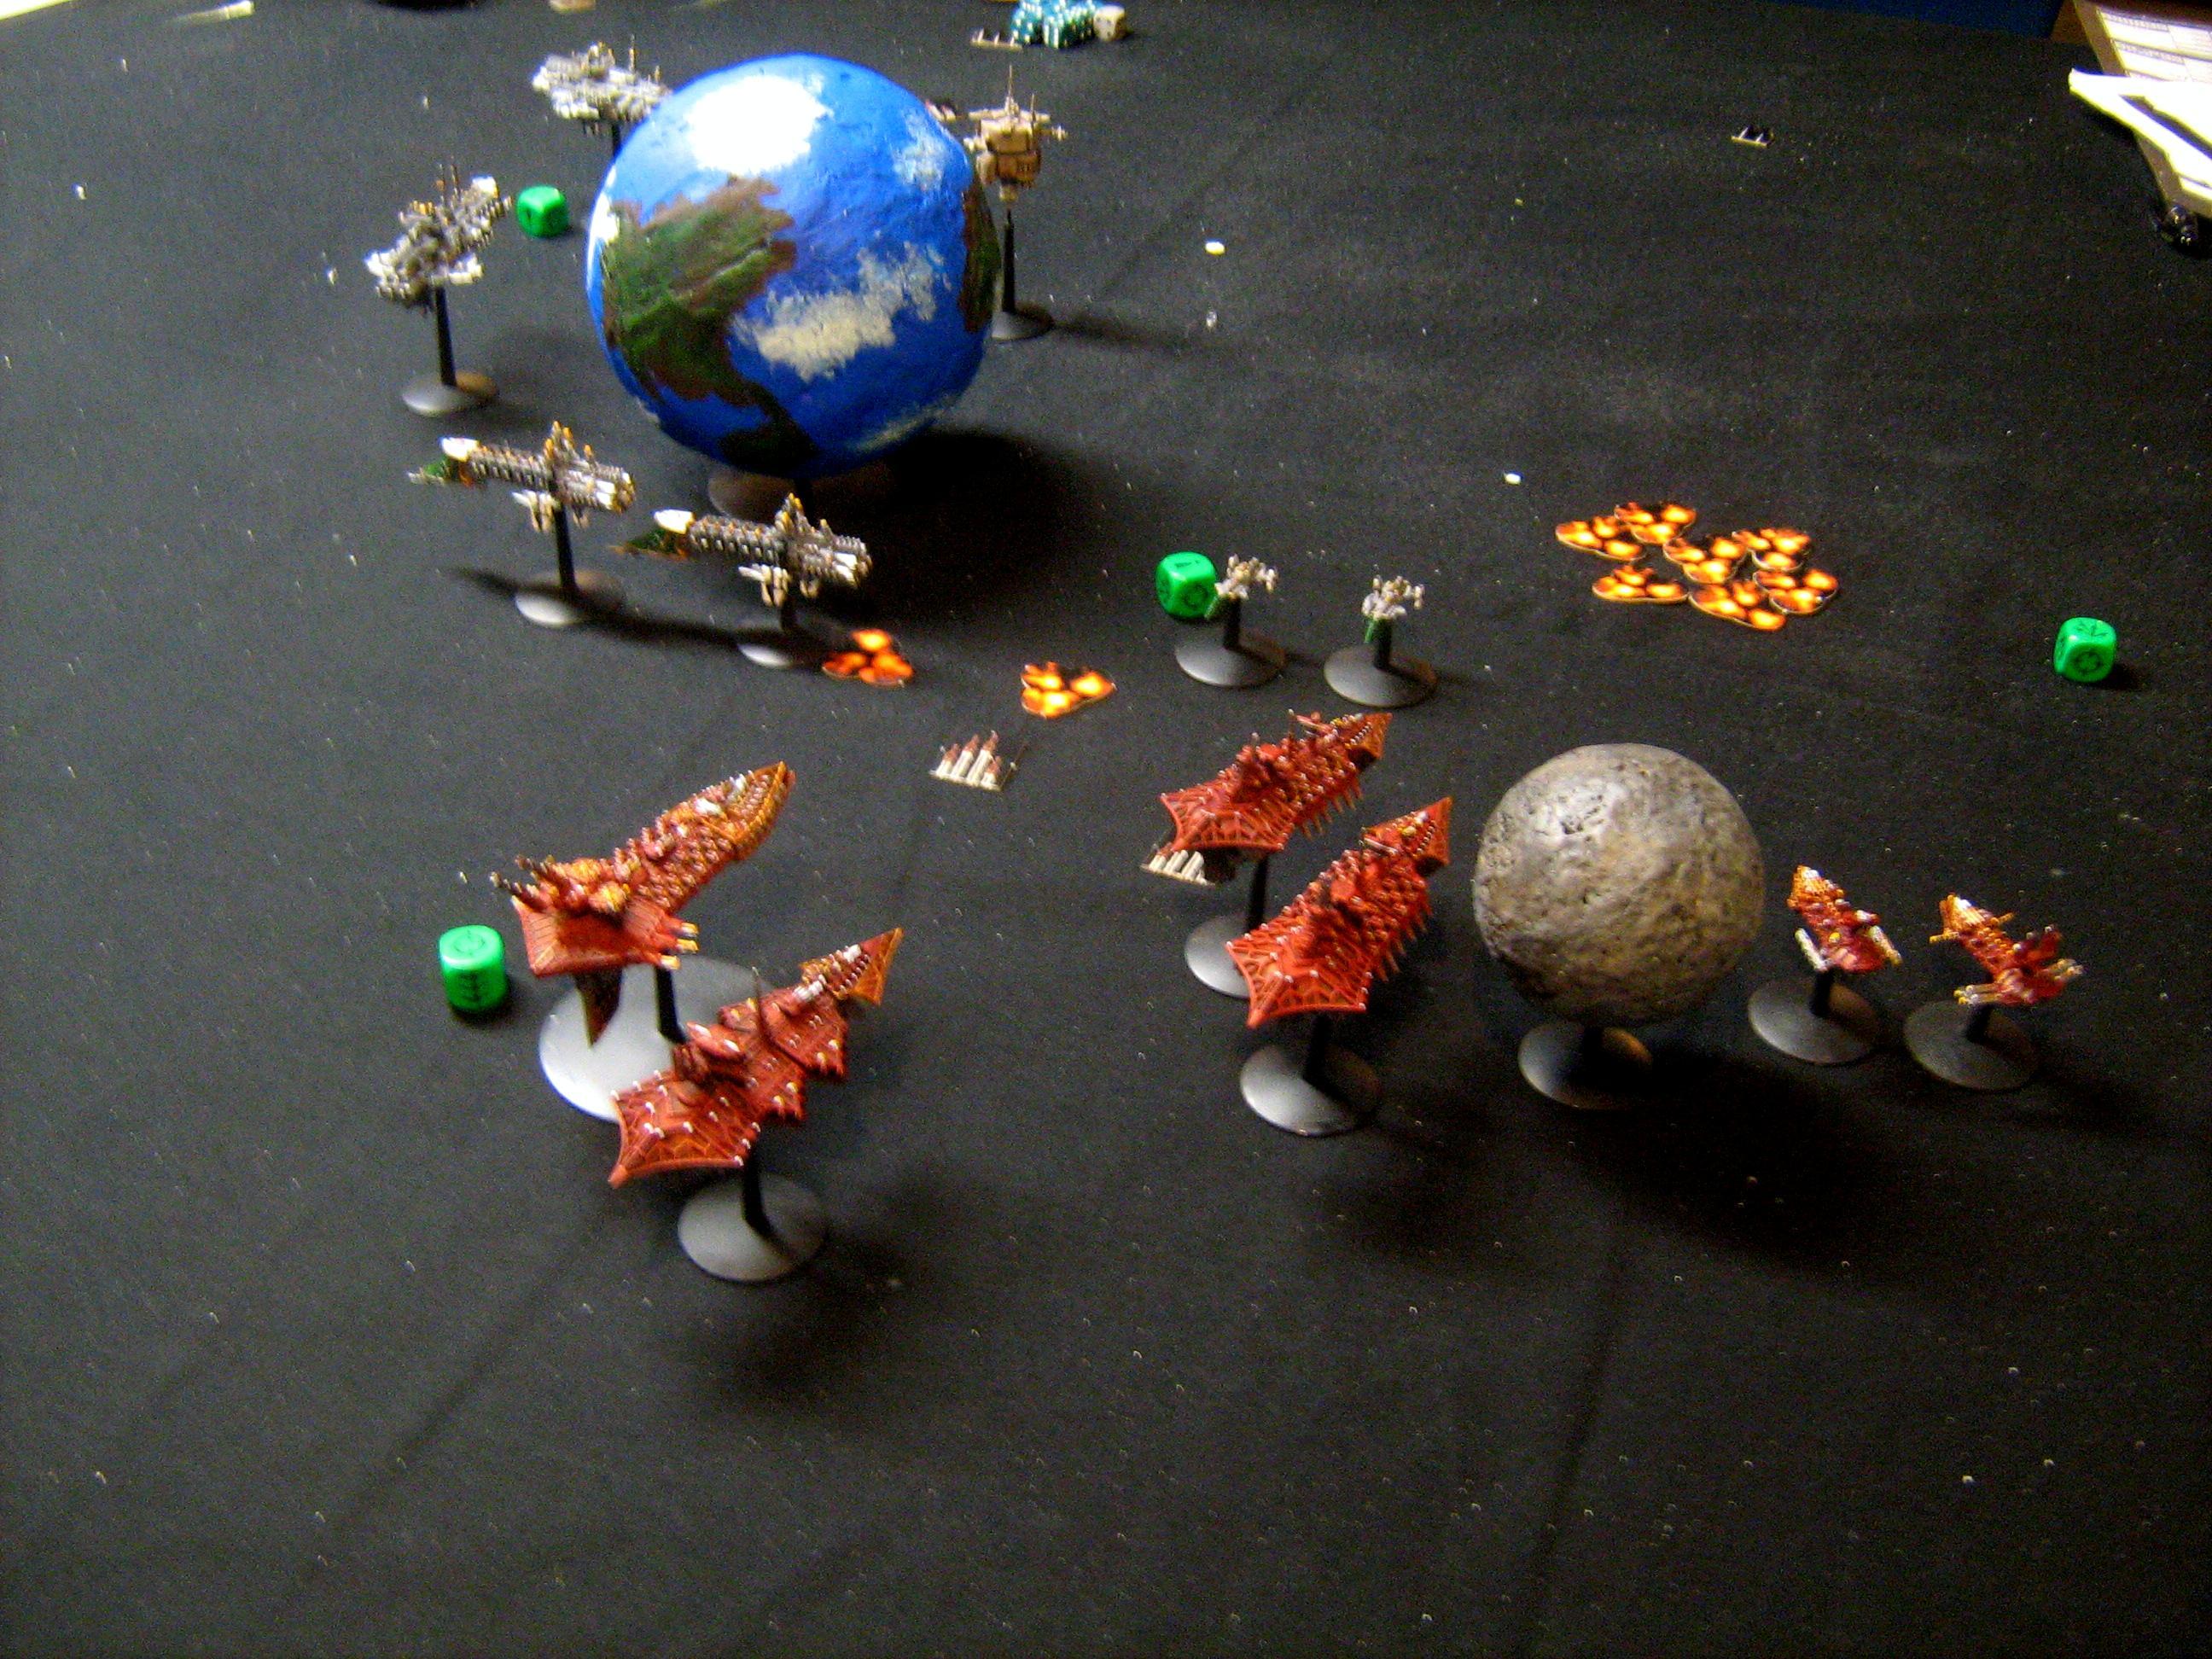 Battlefleet Gothic, Chaos, Cruiser, Escort, Fleet, Games Workshop, Imperial, Sam's Battlefleet Gothic, Space Battle, Space Combat, Spaceship, Specialist Games, Starship